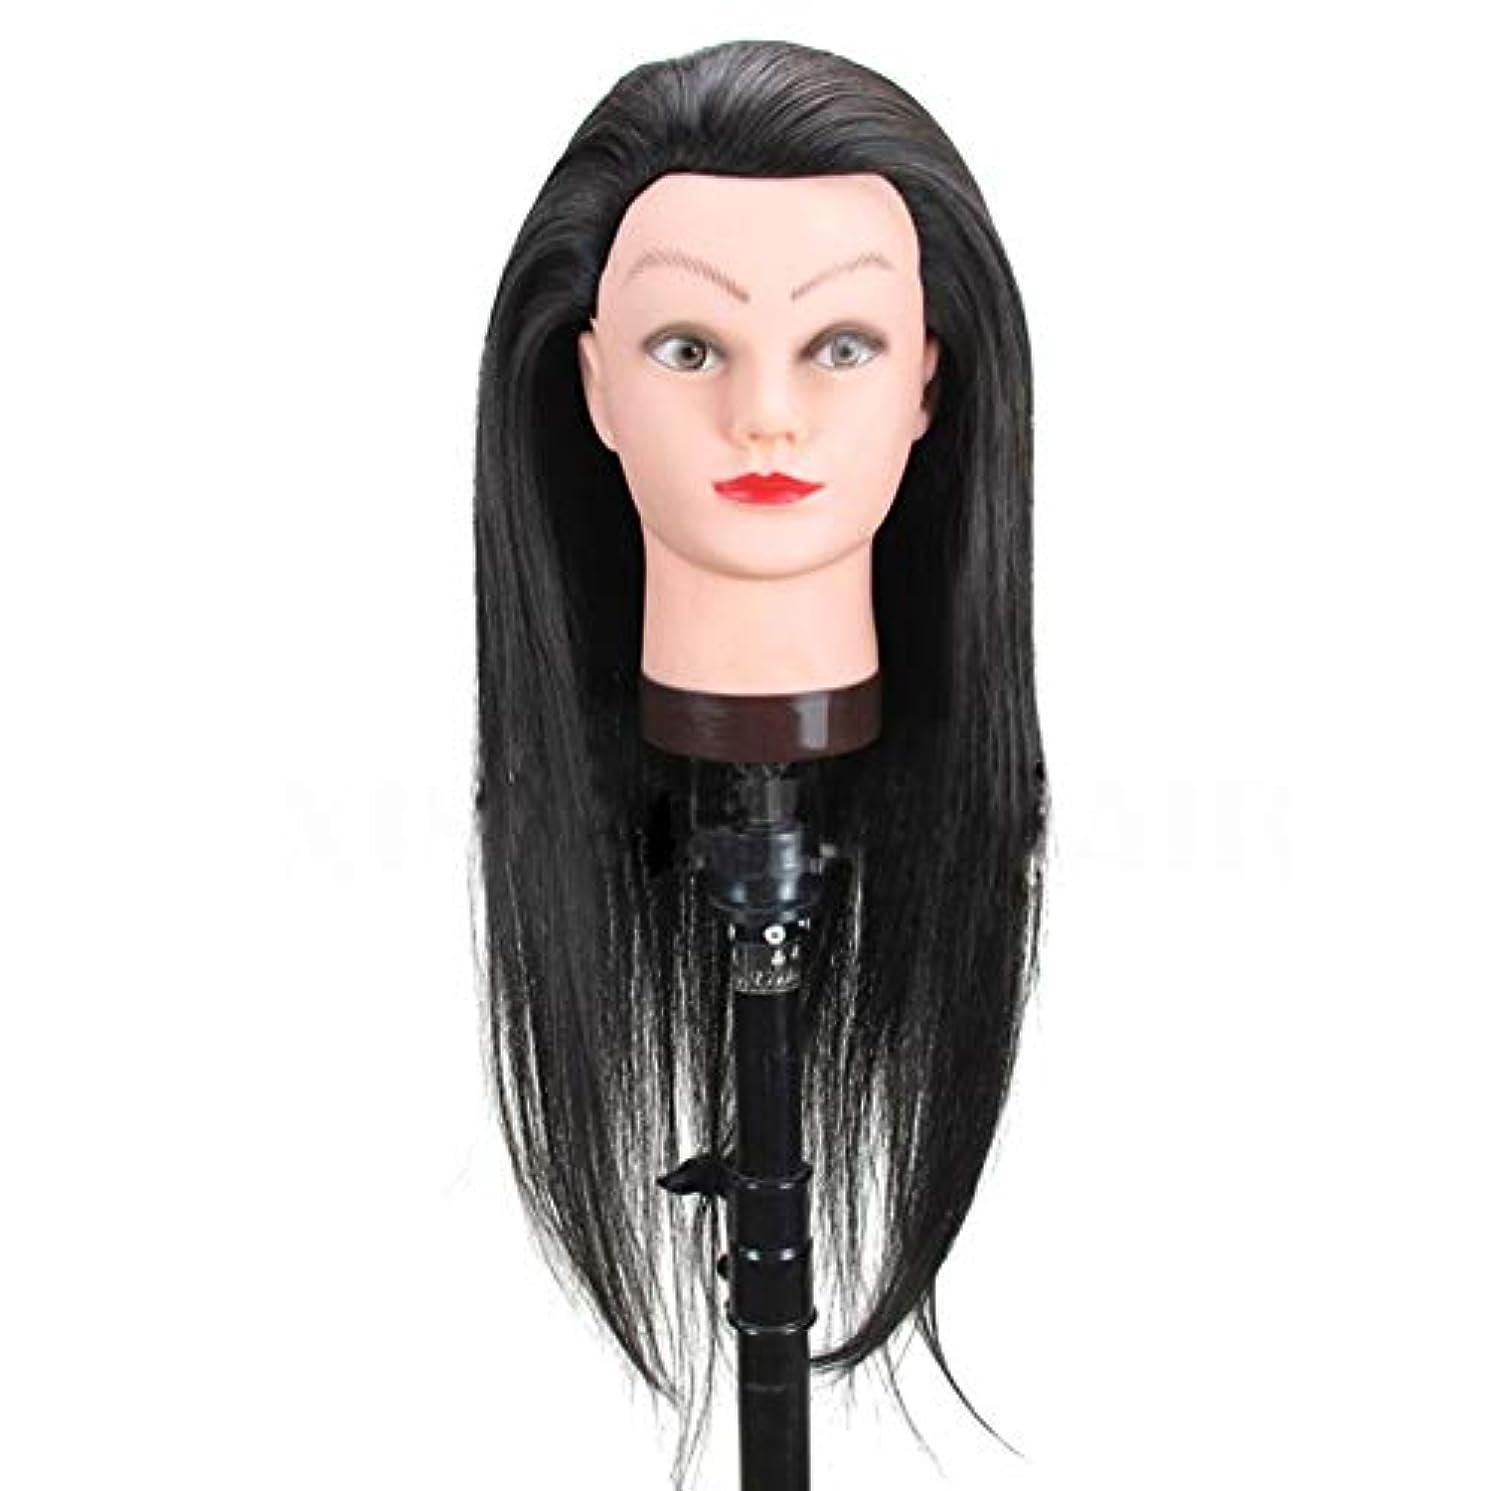 登場暖かさ空虚Hairdressing Practice Head Model Braided Hair Training Head Head Barbershop Haircut Learning Dummy Mannequin Head.